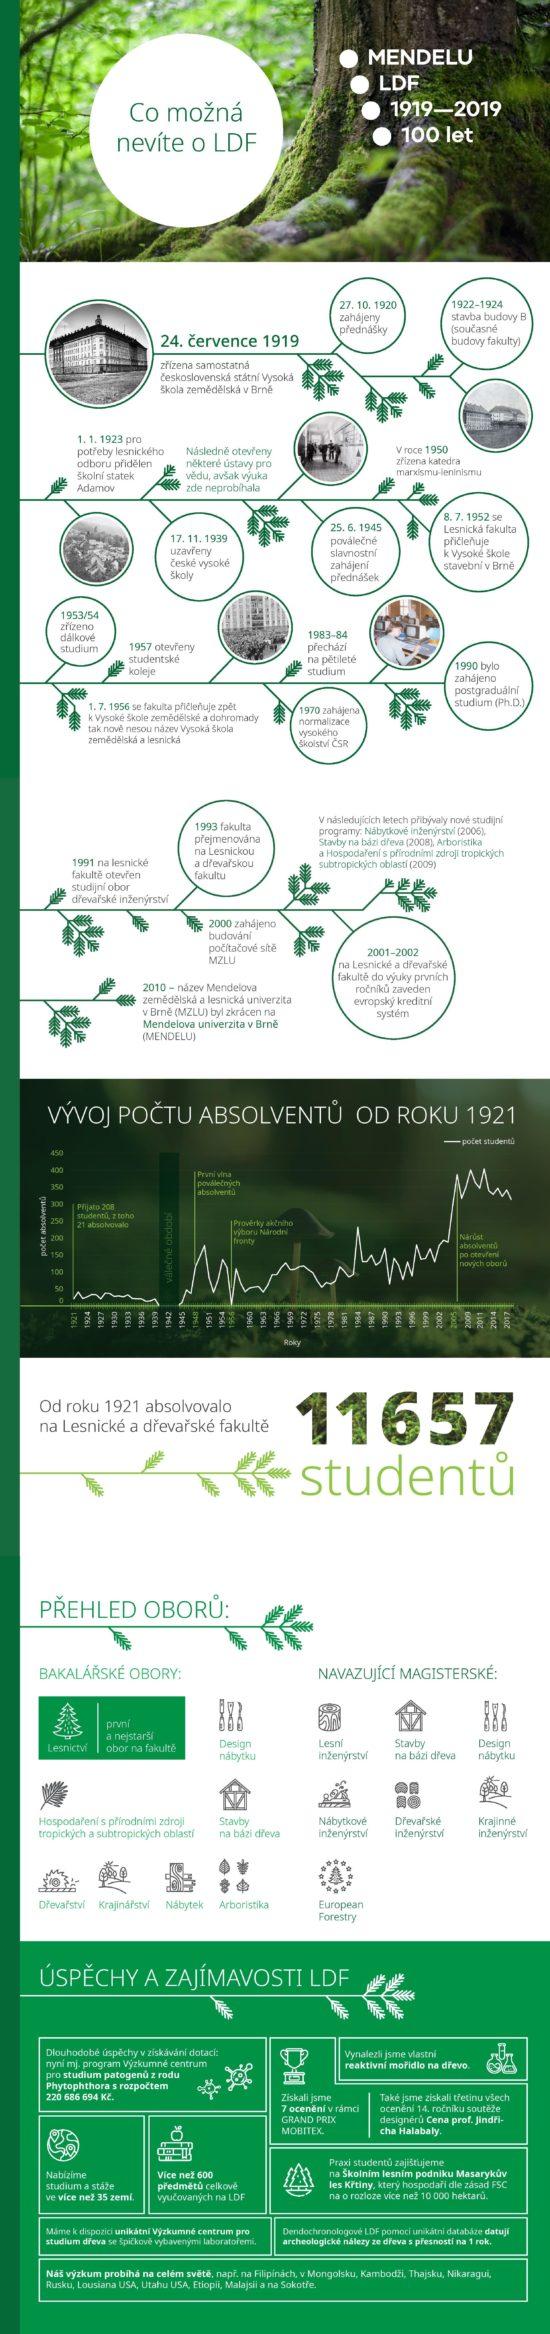 Lesnická a dřevařská fakulta slaví 100leté výročí.